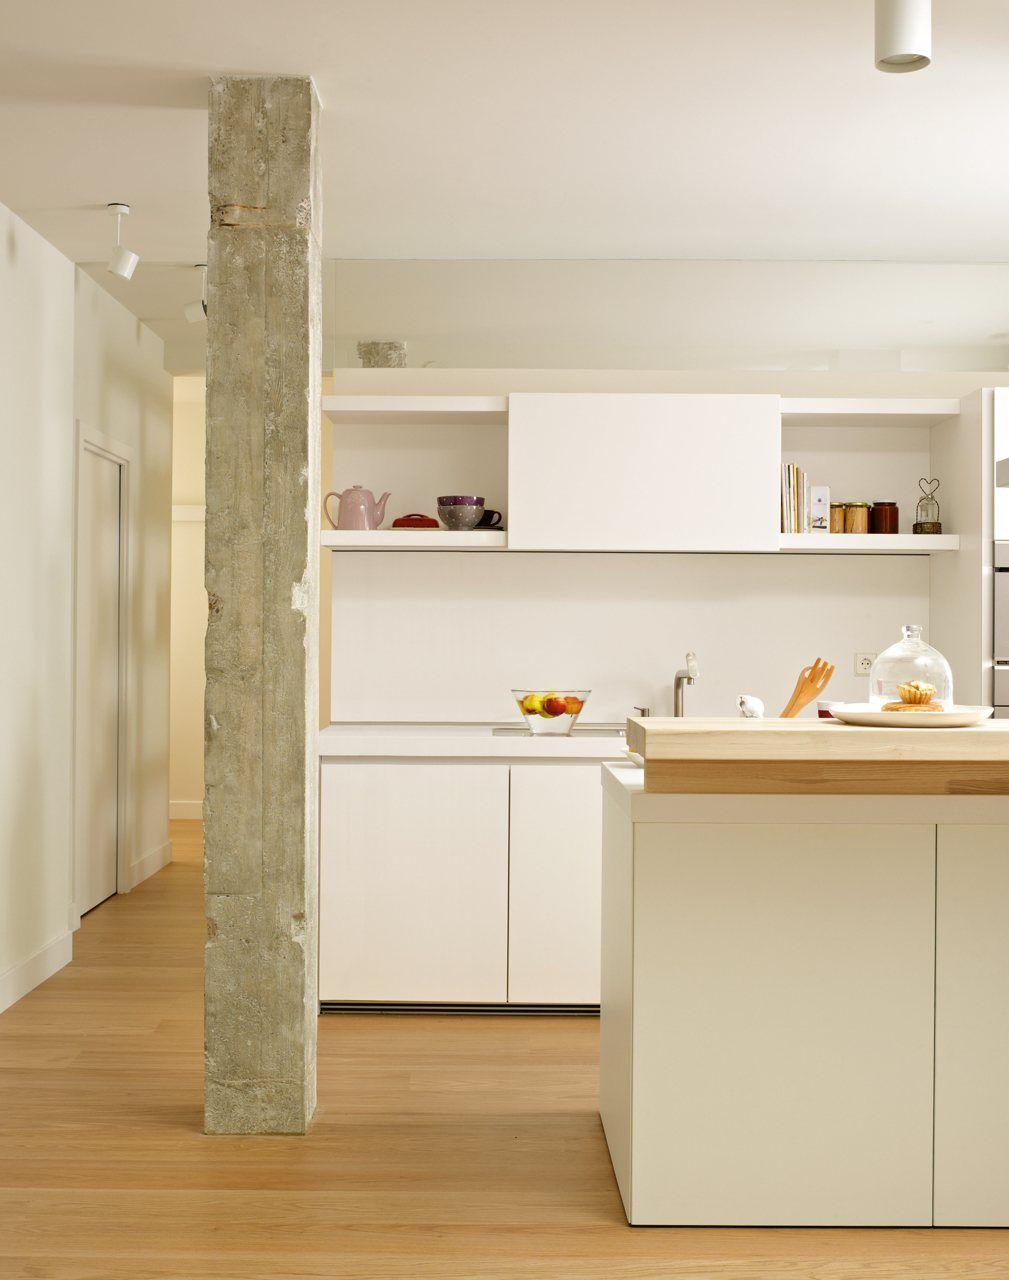 Cocinas mini muy prácticas · ElMueble.com · Cocinas y baños ...